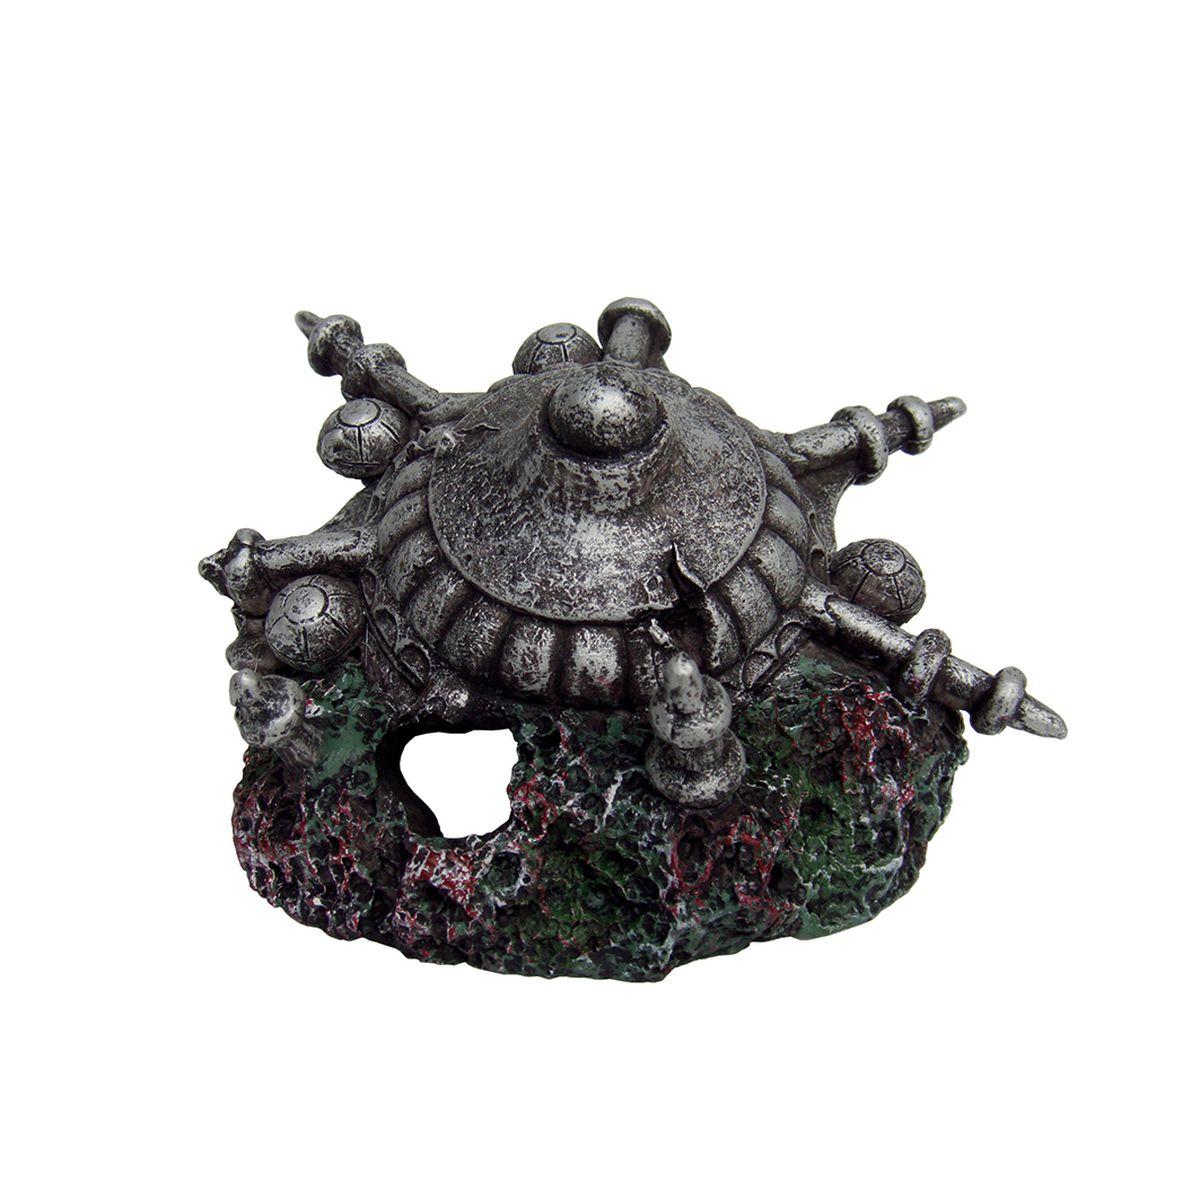 Декорация для аквариума ArtUniq Каменный щит, 11 x 10 x 6 смART-2251420Декорация для аквариума ArtUniq Каменный щит, 11 x 10 x 6 см